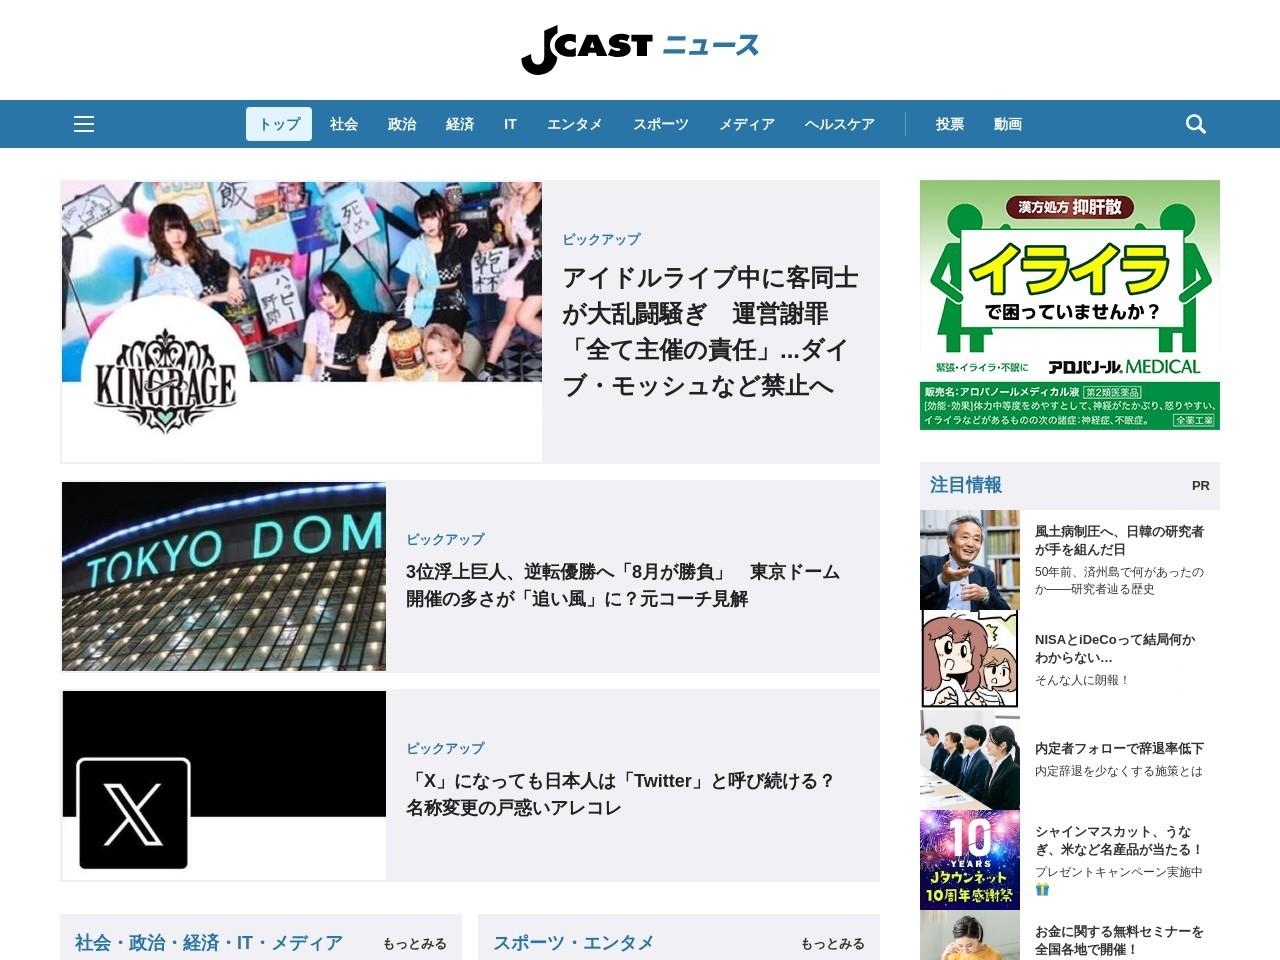 広瀬アリス、憧れの「東京喰種」作者から似顔絵贈られ「ぎゃああぁぁぁぁぁぁぁぁぁぁぁあ!!!」